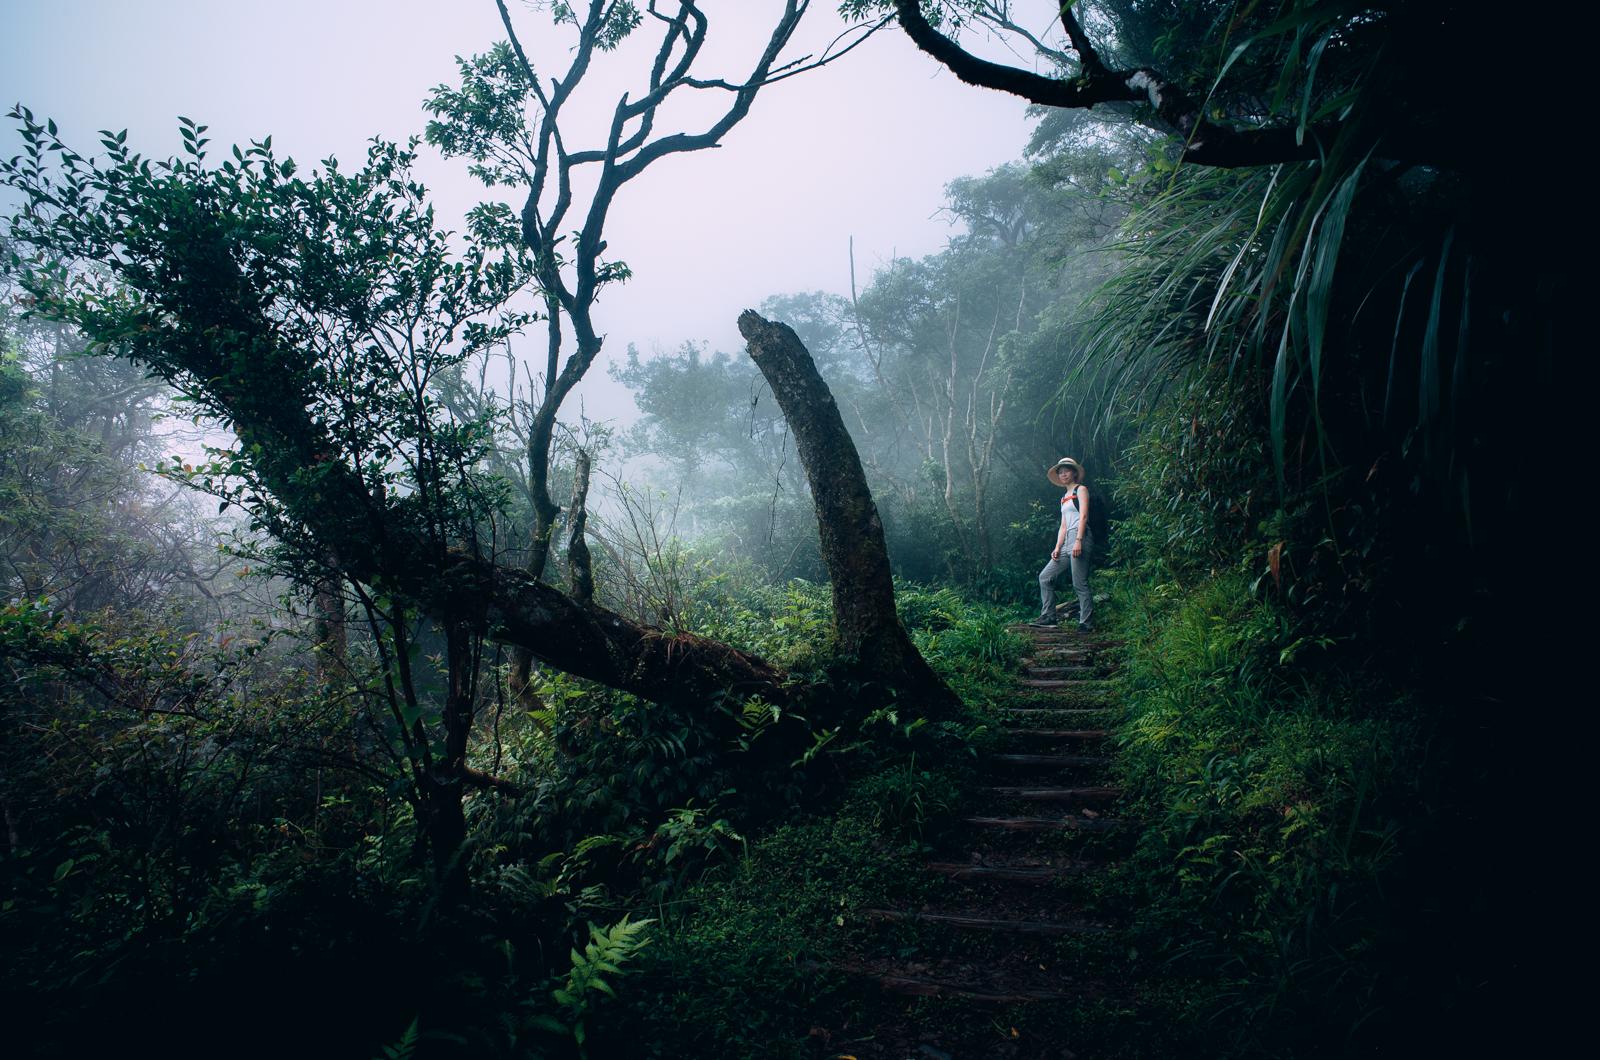 「Ricoh GR2」 宜蘭礁溪 / 聖母山莊國家步道